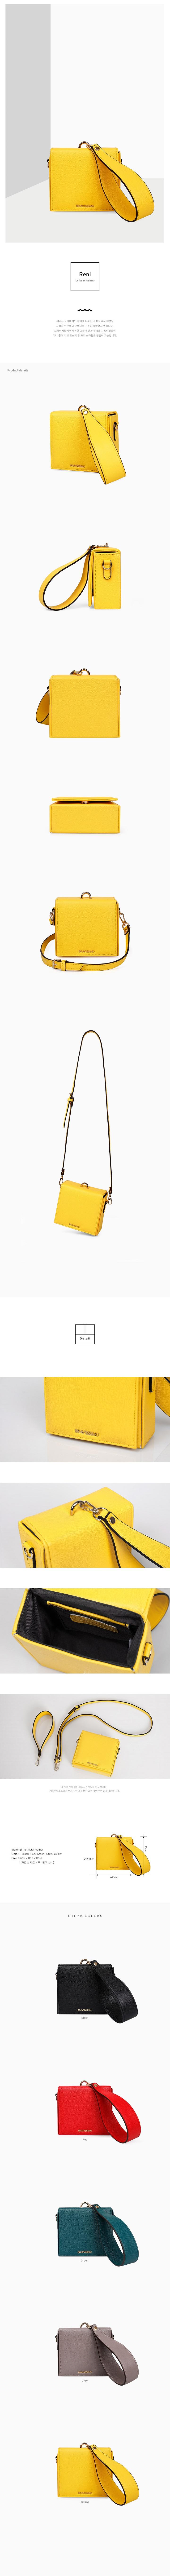 yellow_720.jpg